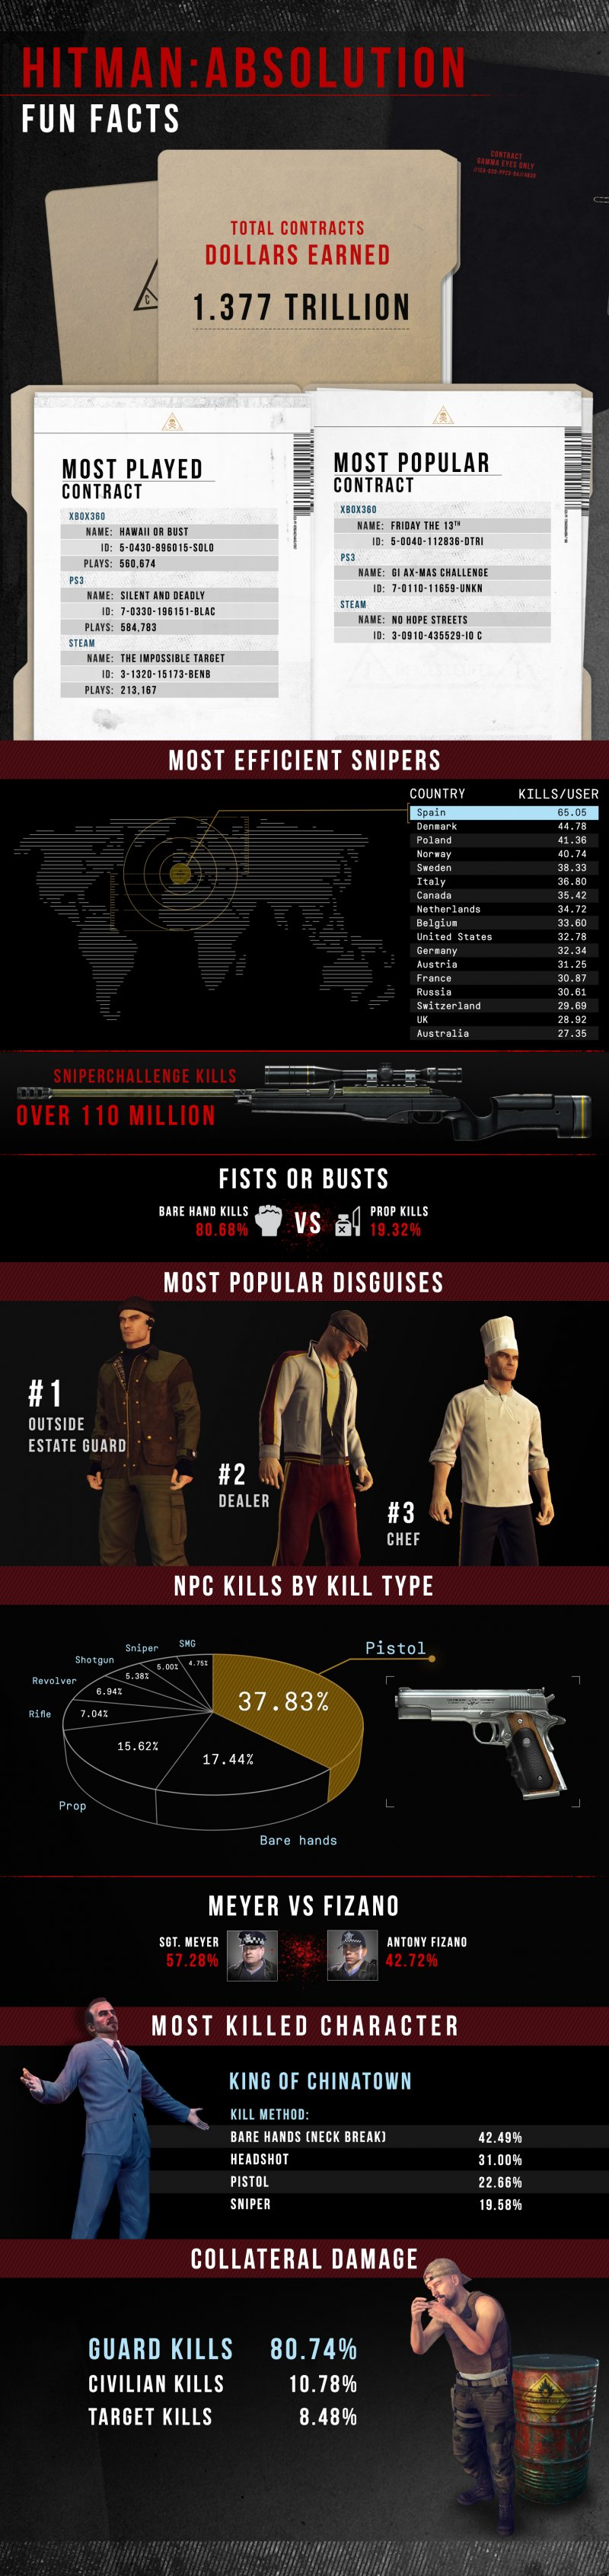 Hitman: Absolution - Un'immagine rivela i dati raccolti durante il multiplayer